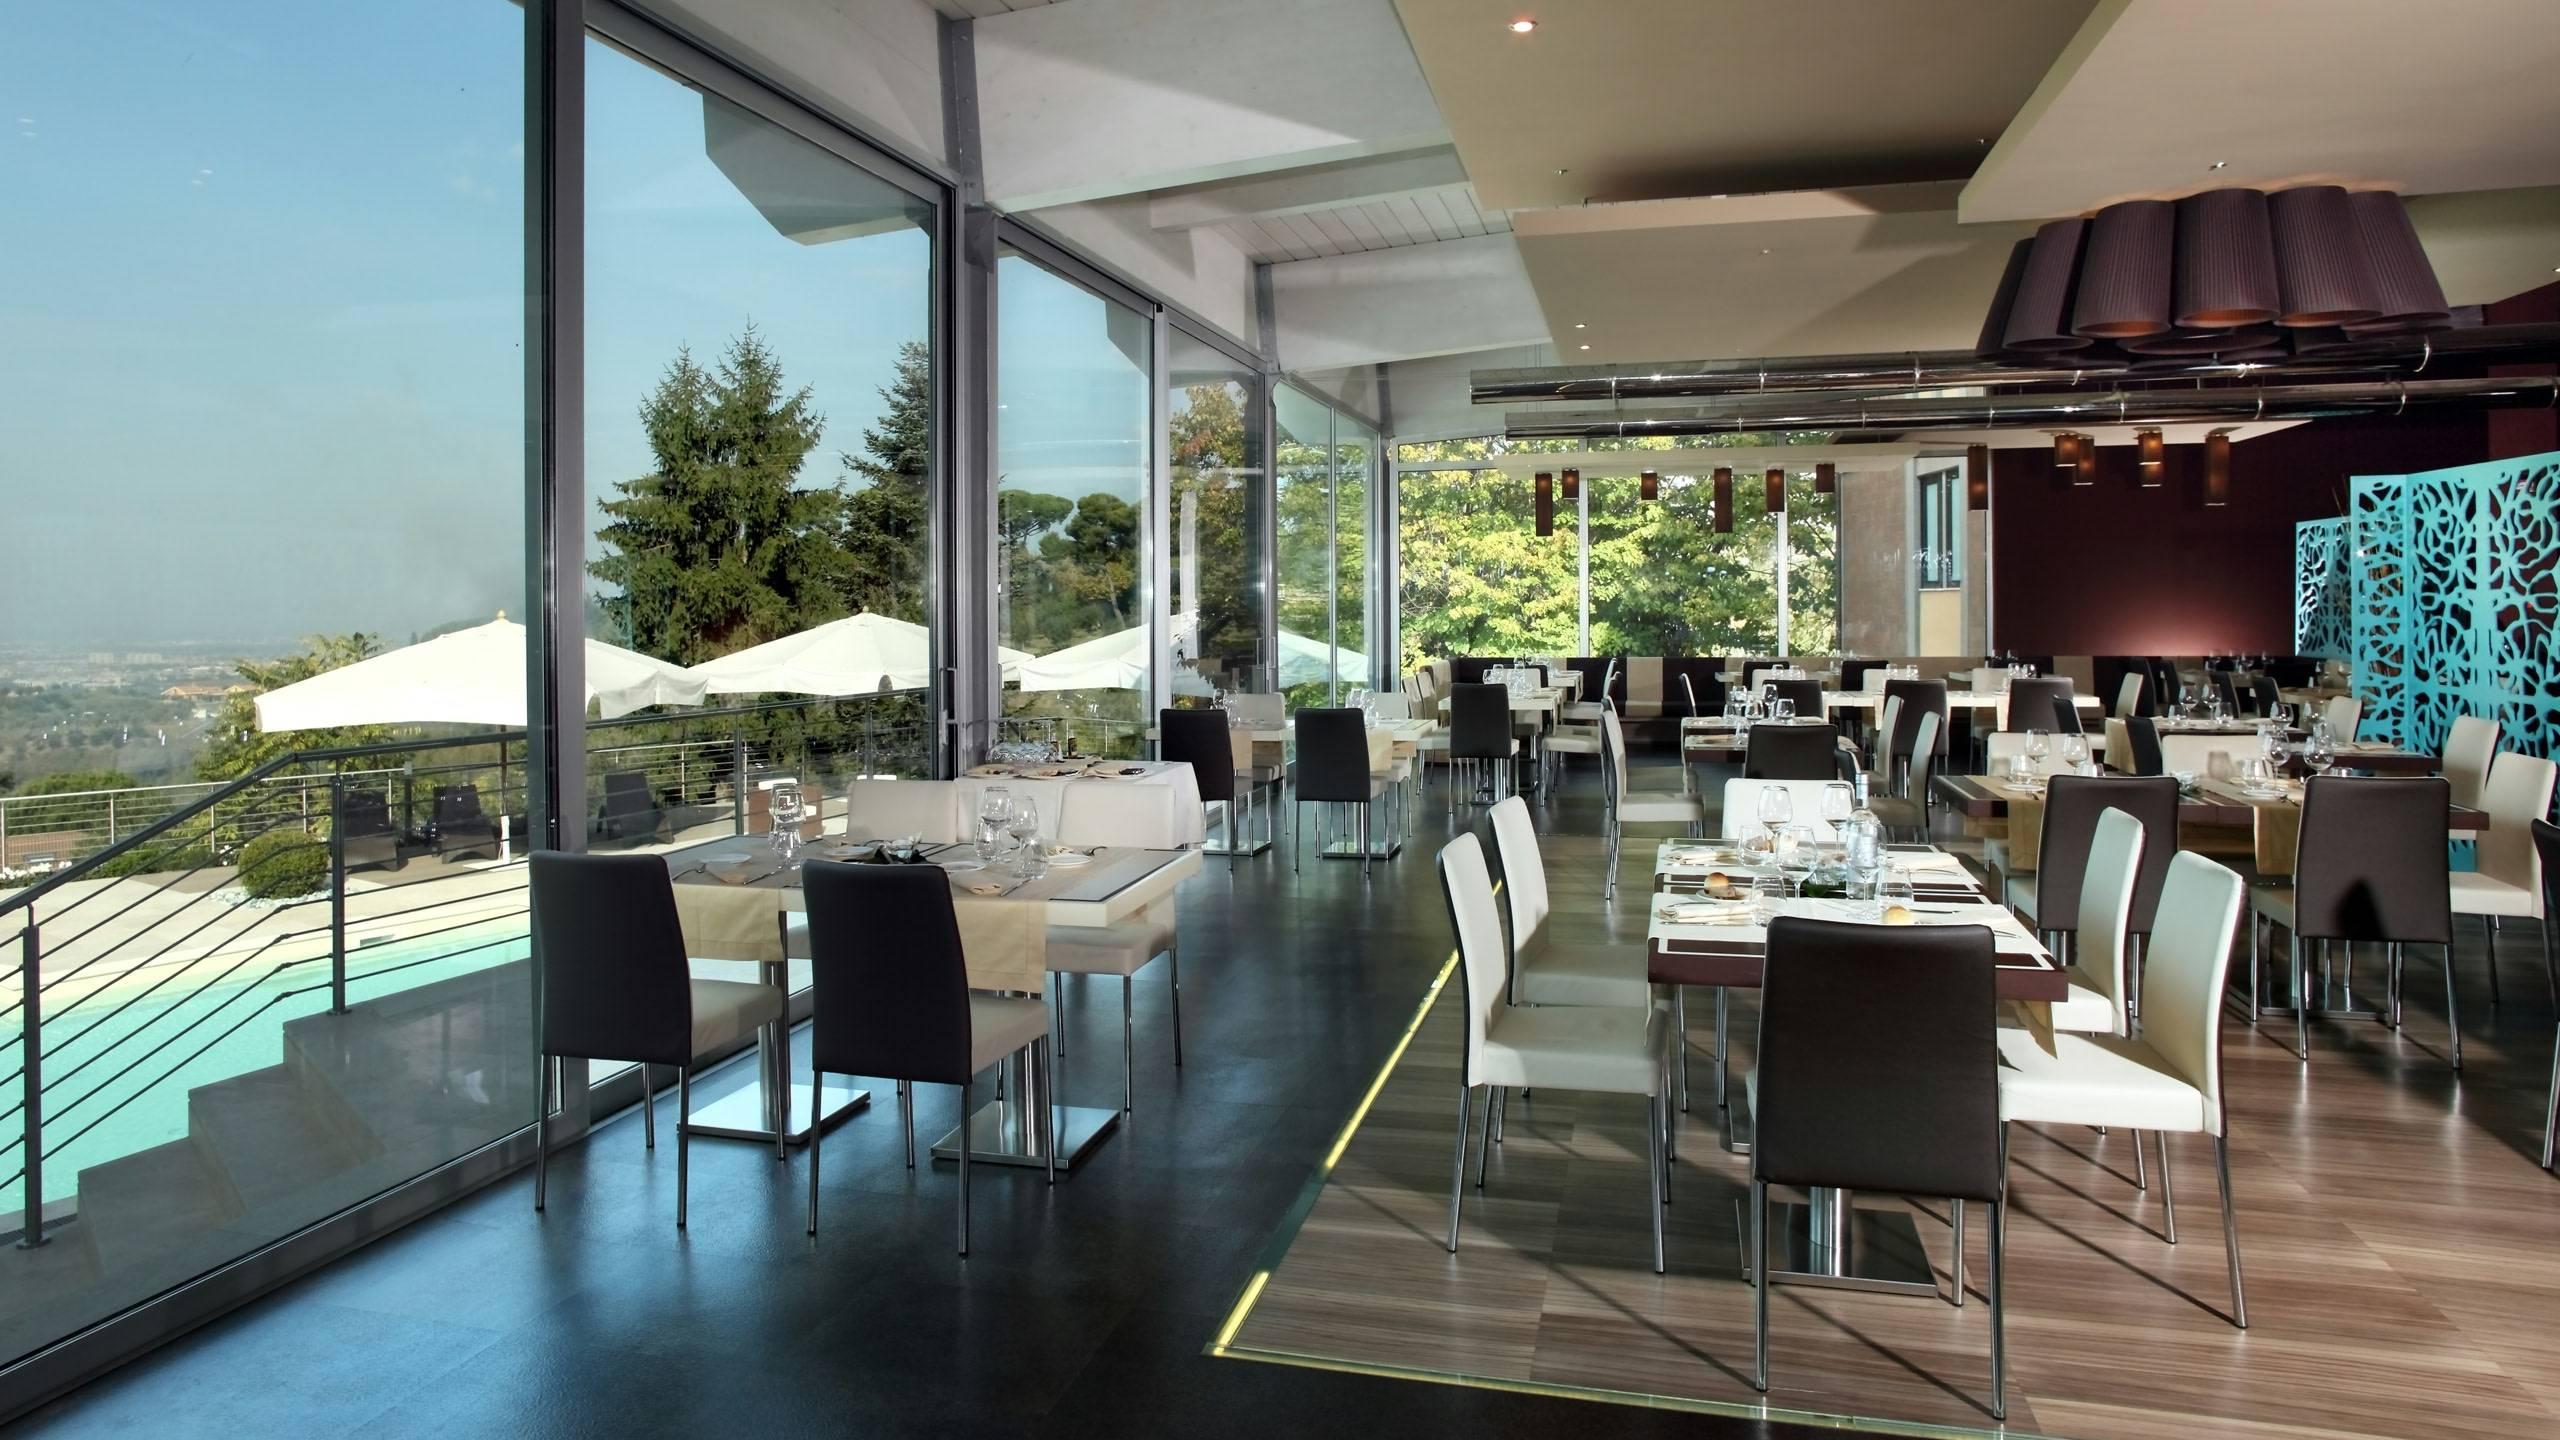 villamercede-ristorante-31